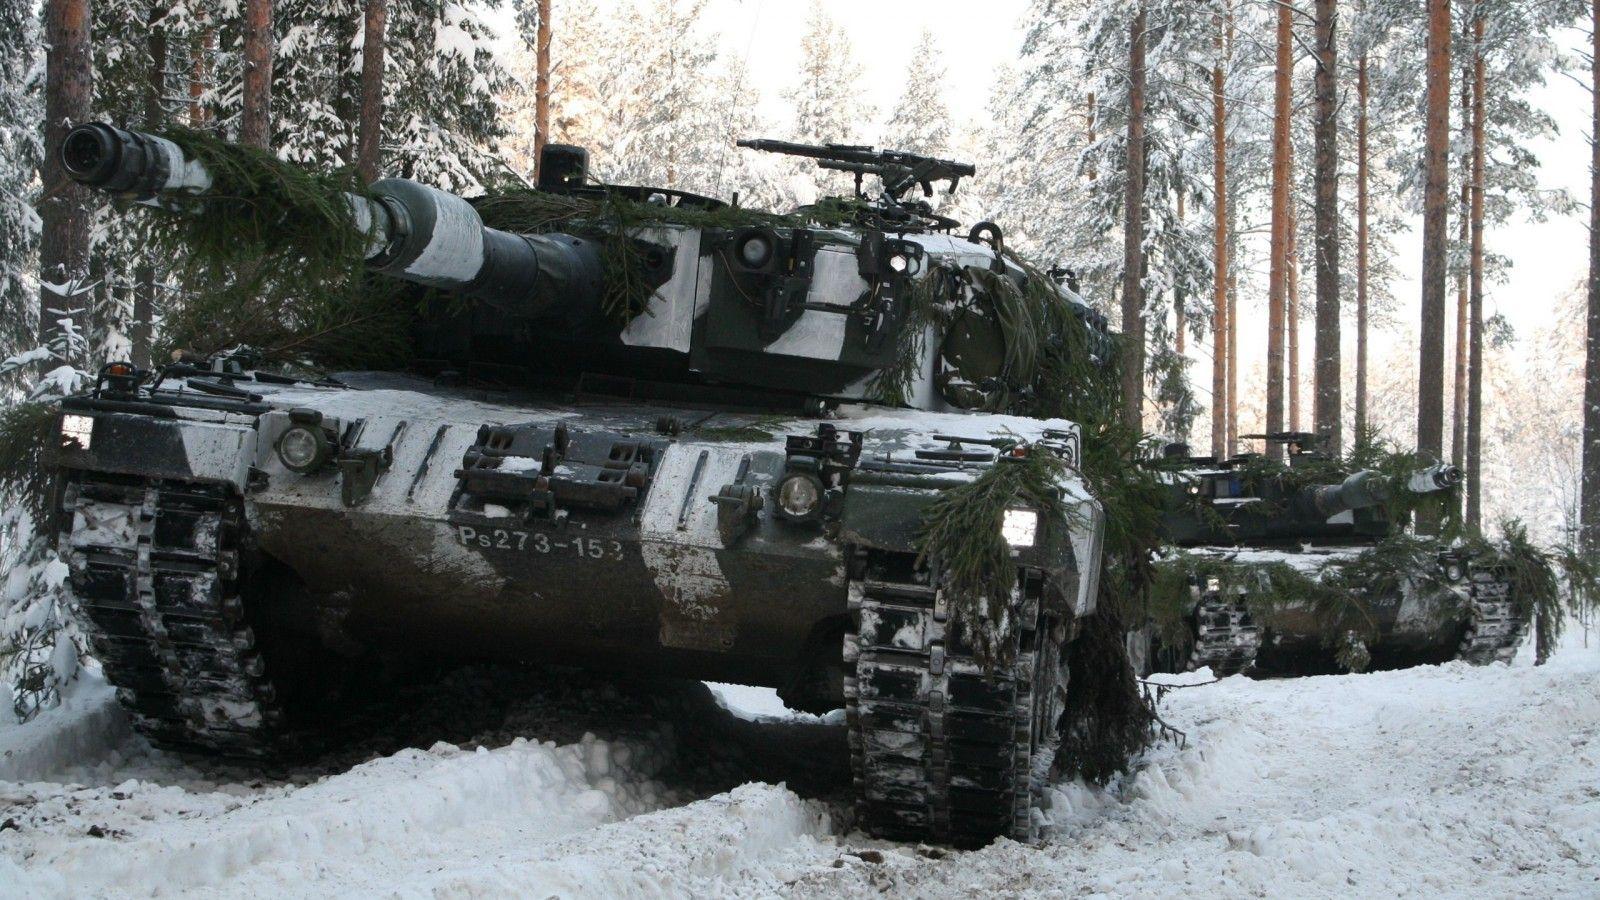 2560x1440 Px フィンランド軍 ヒョウ2 軍事 タンク ミリタリー 軍 タンク